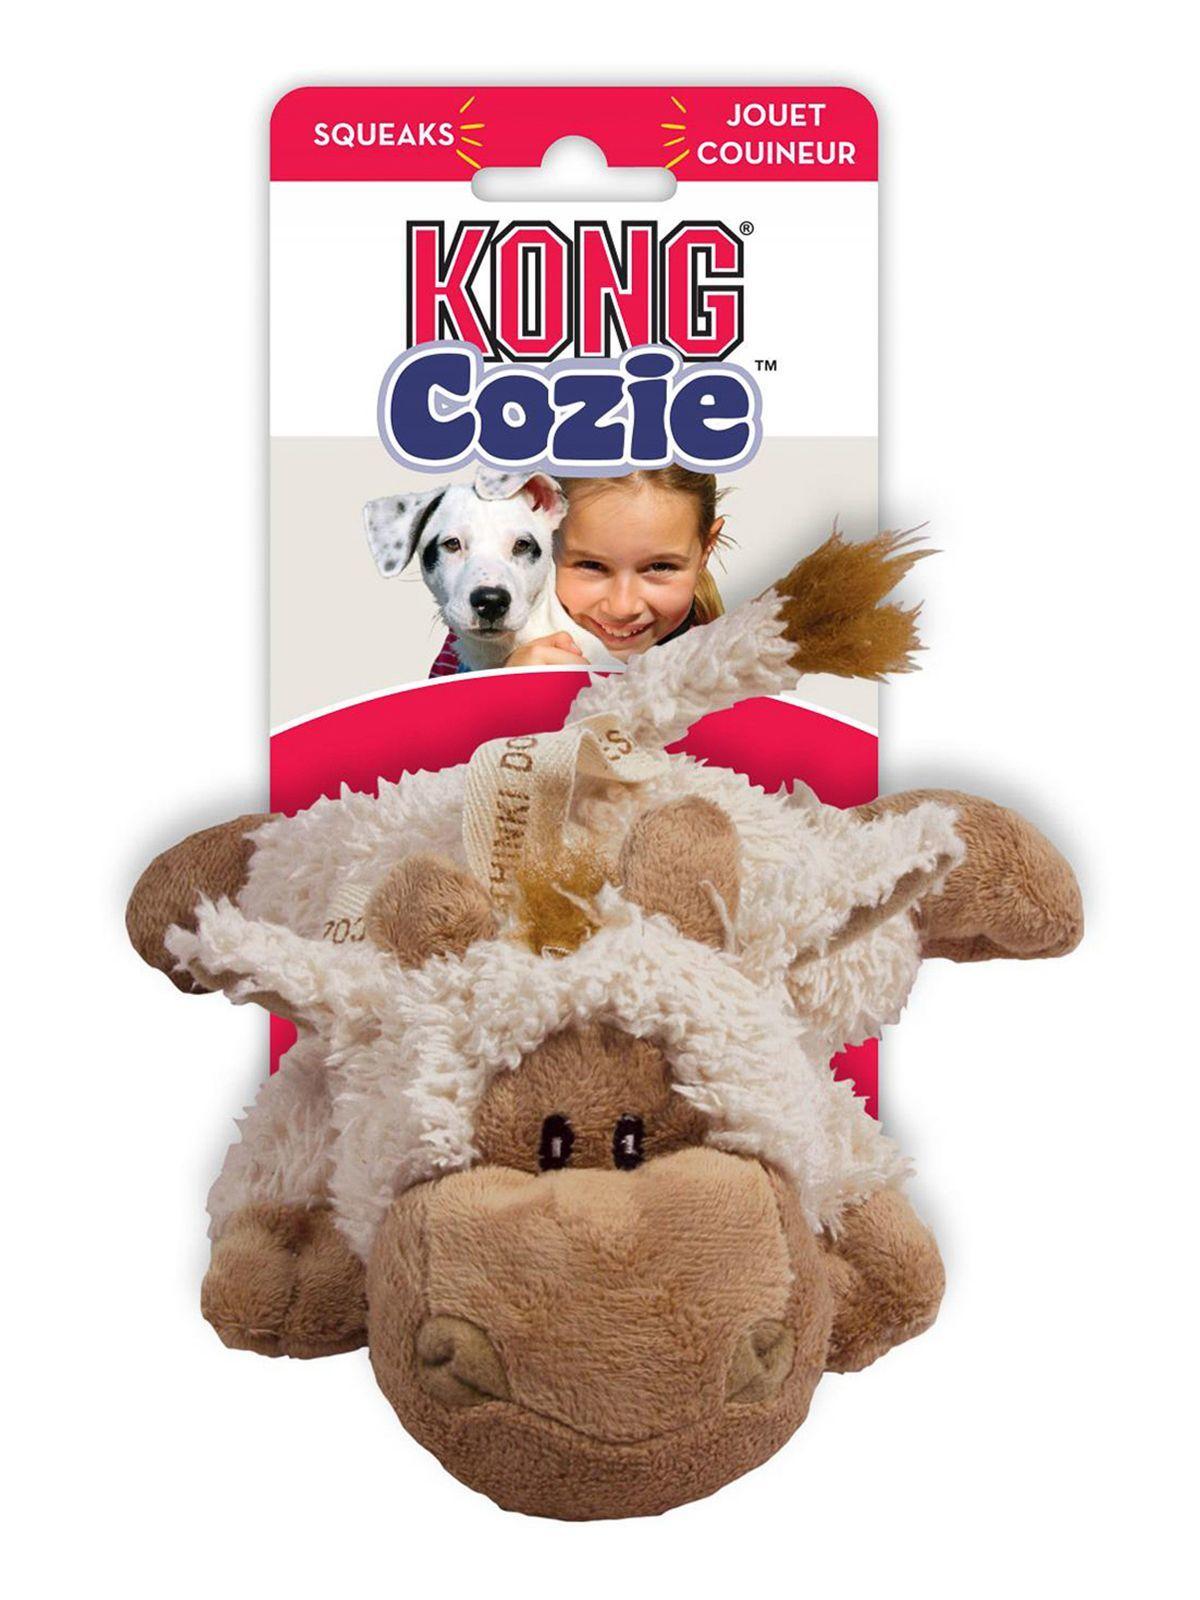 Игрушки Игрушка для собак KONG Cozie плюш, маленькие 13 см ZYN3E_1.jpeg